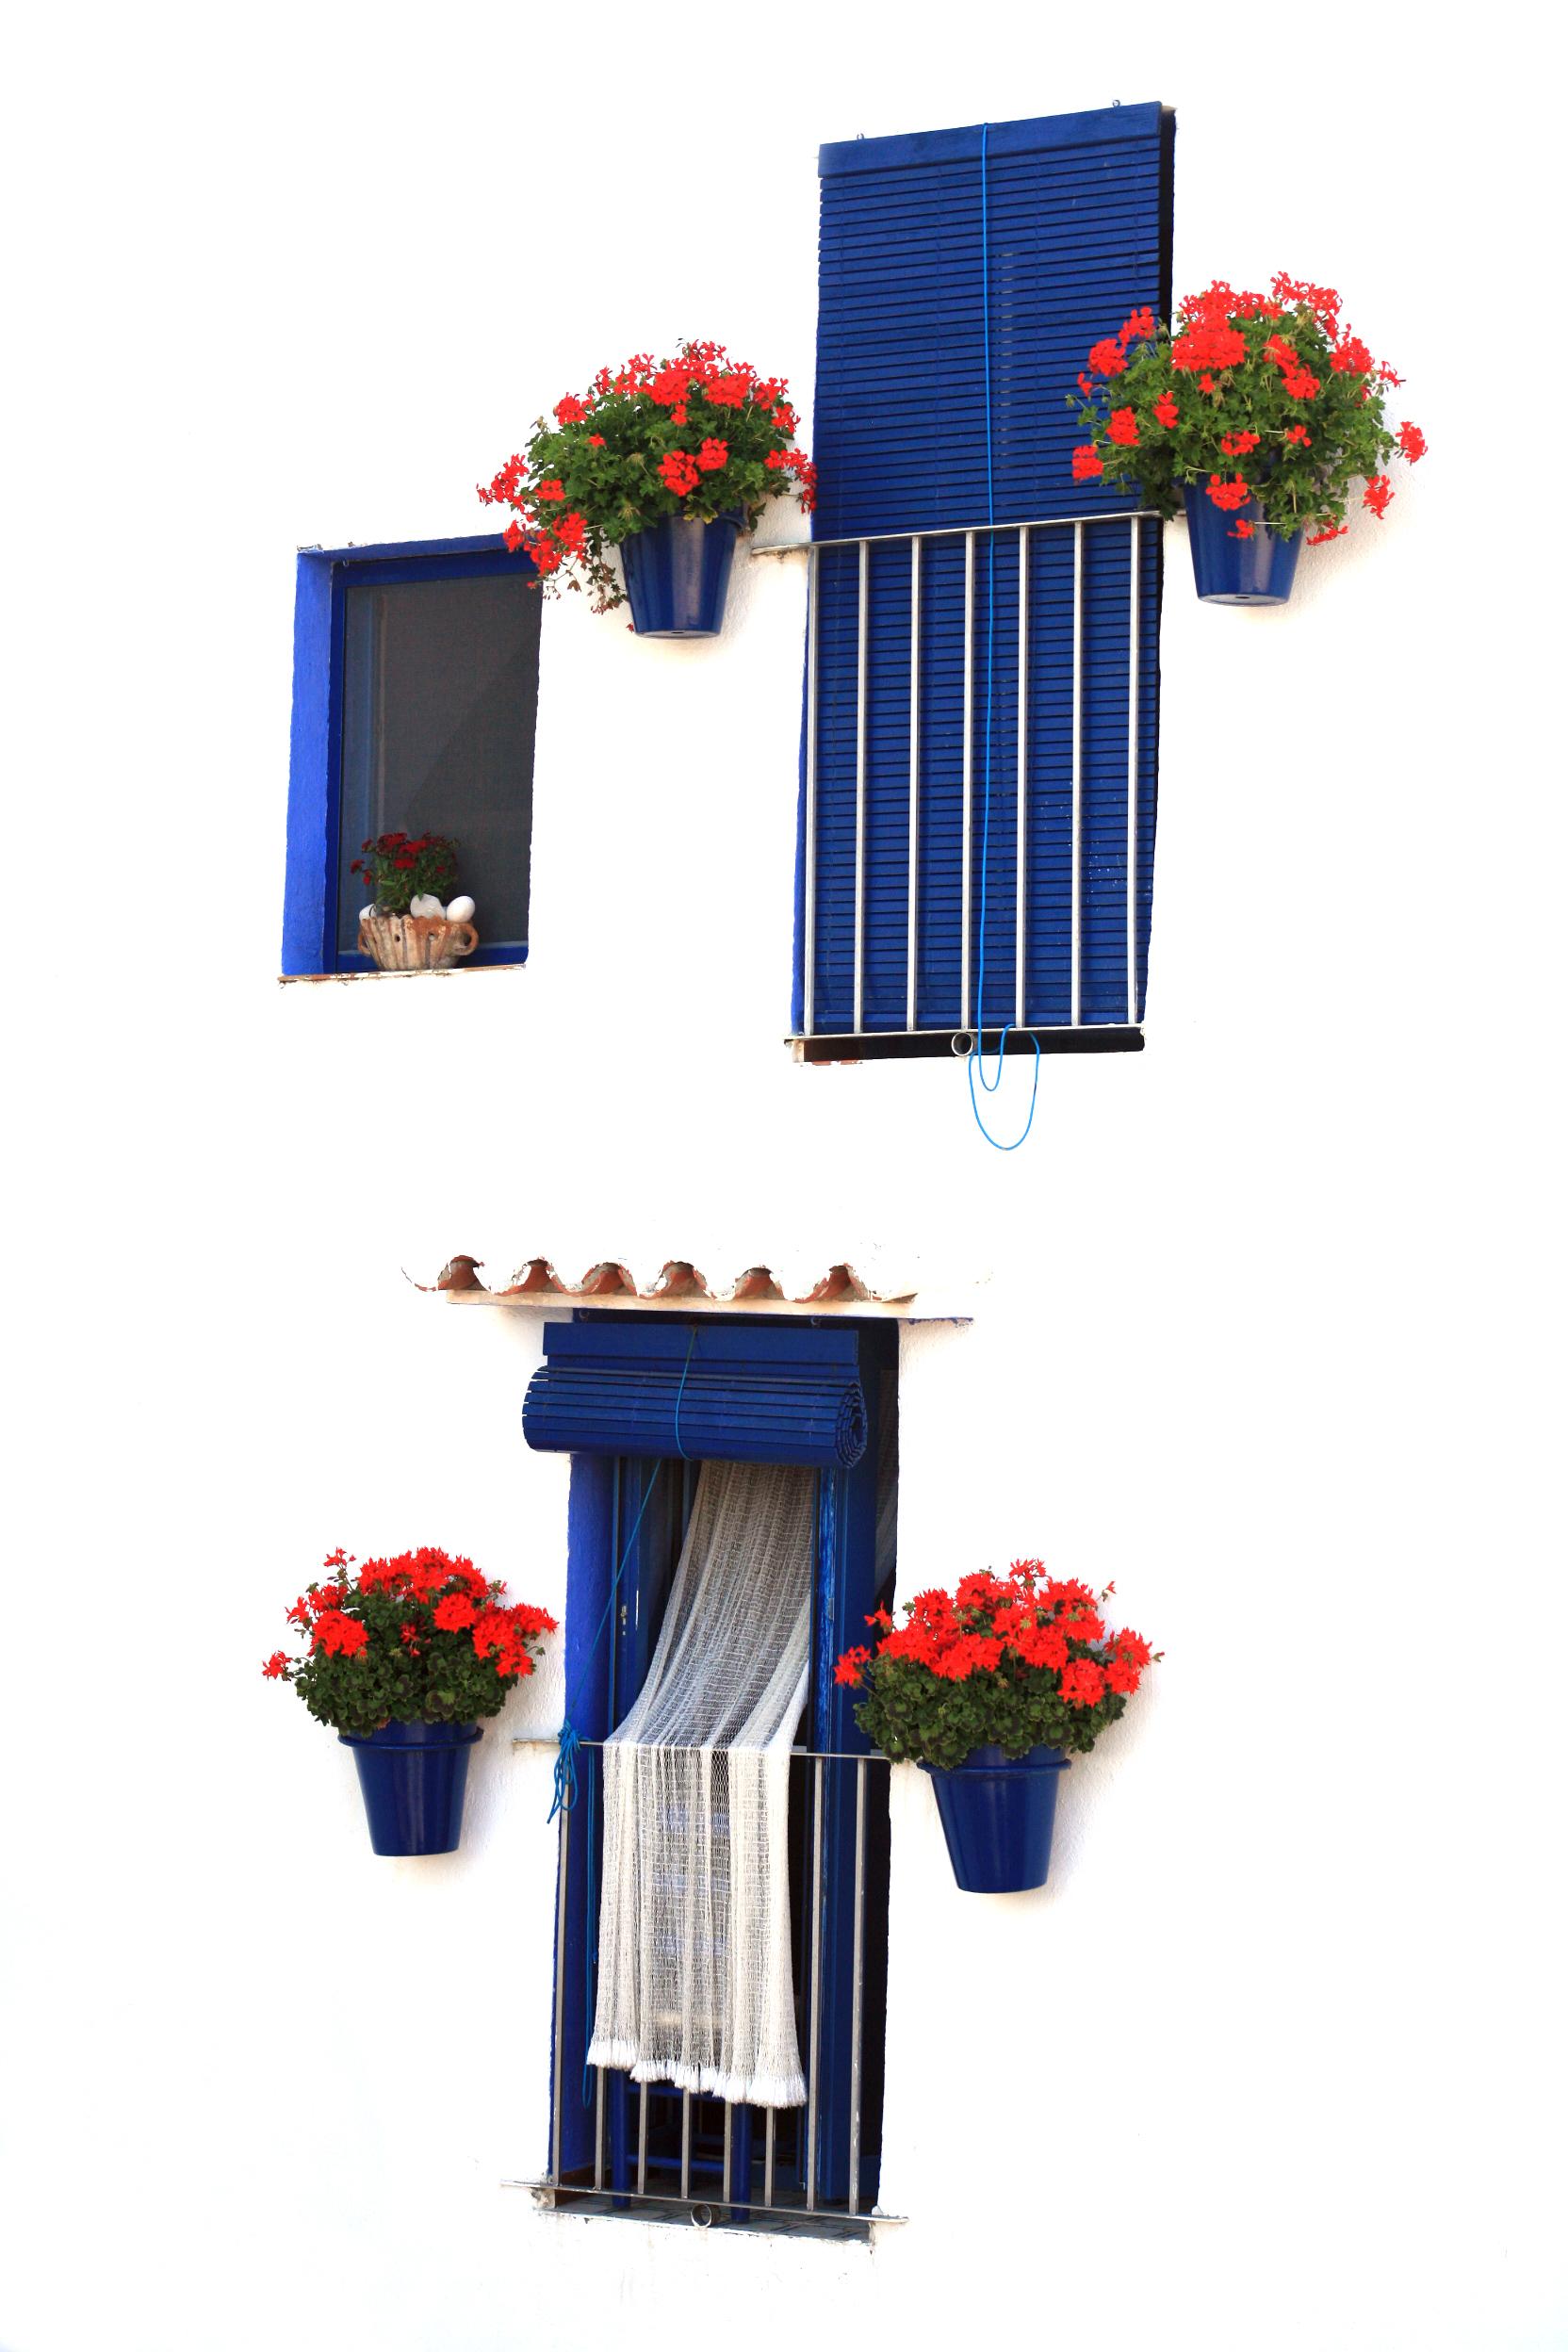 Tres ventanas Peñiscola,España.